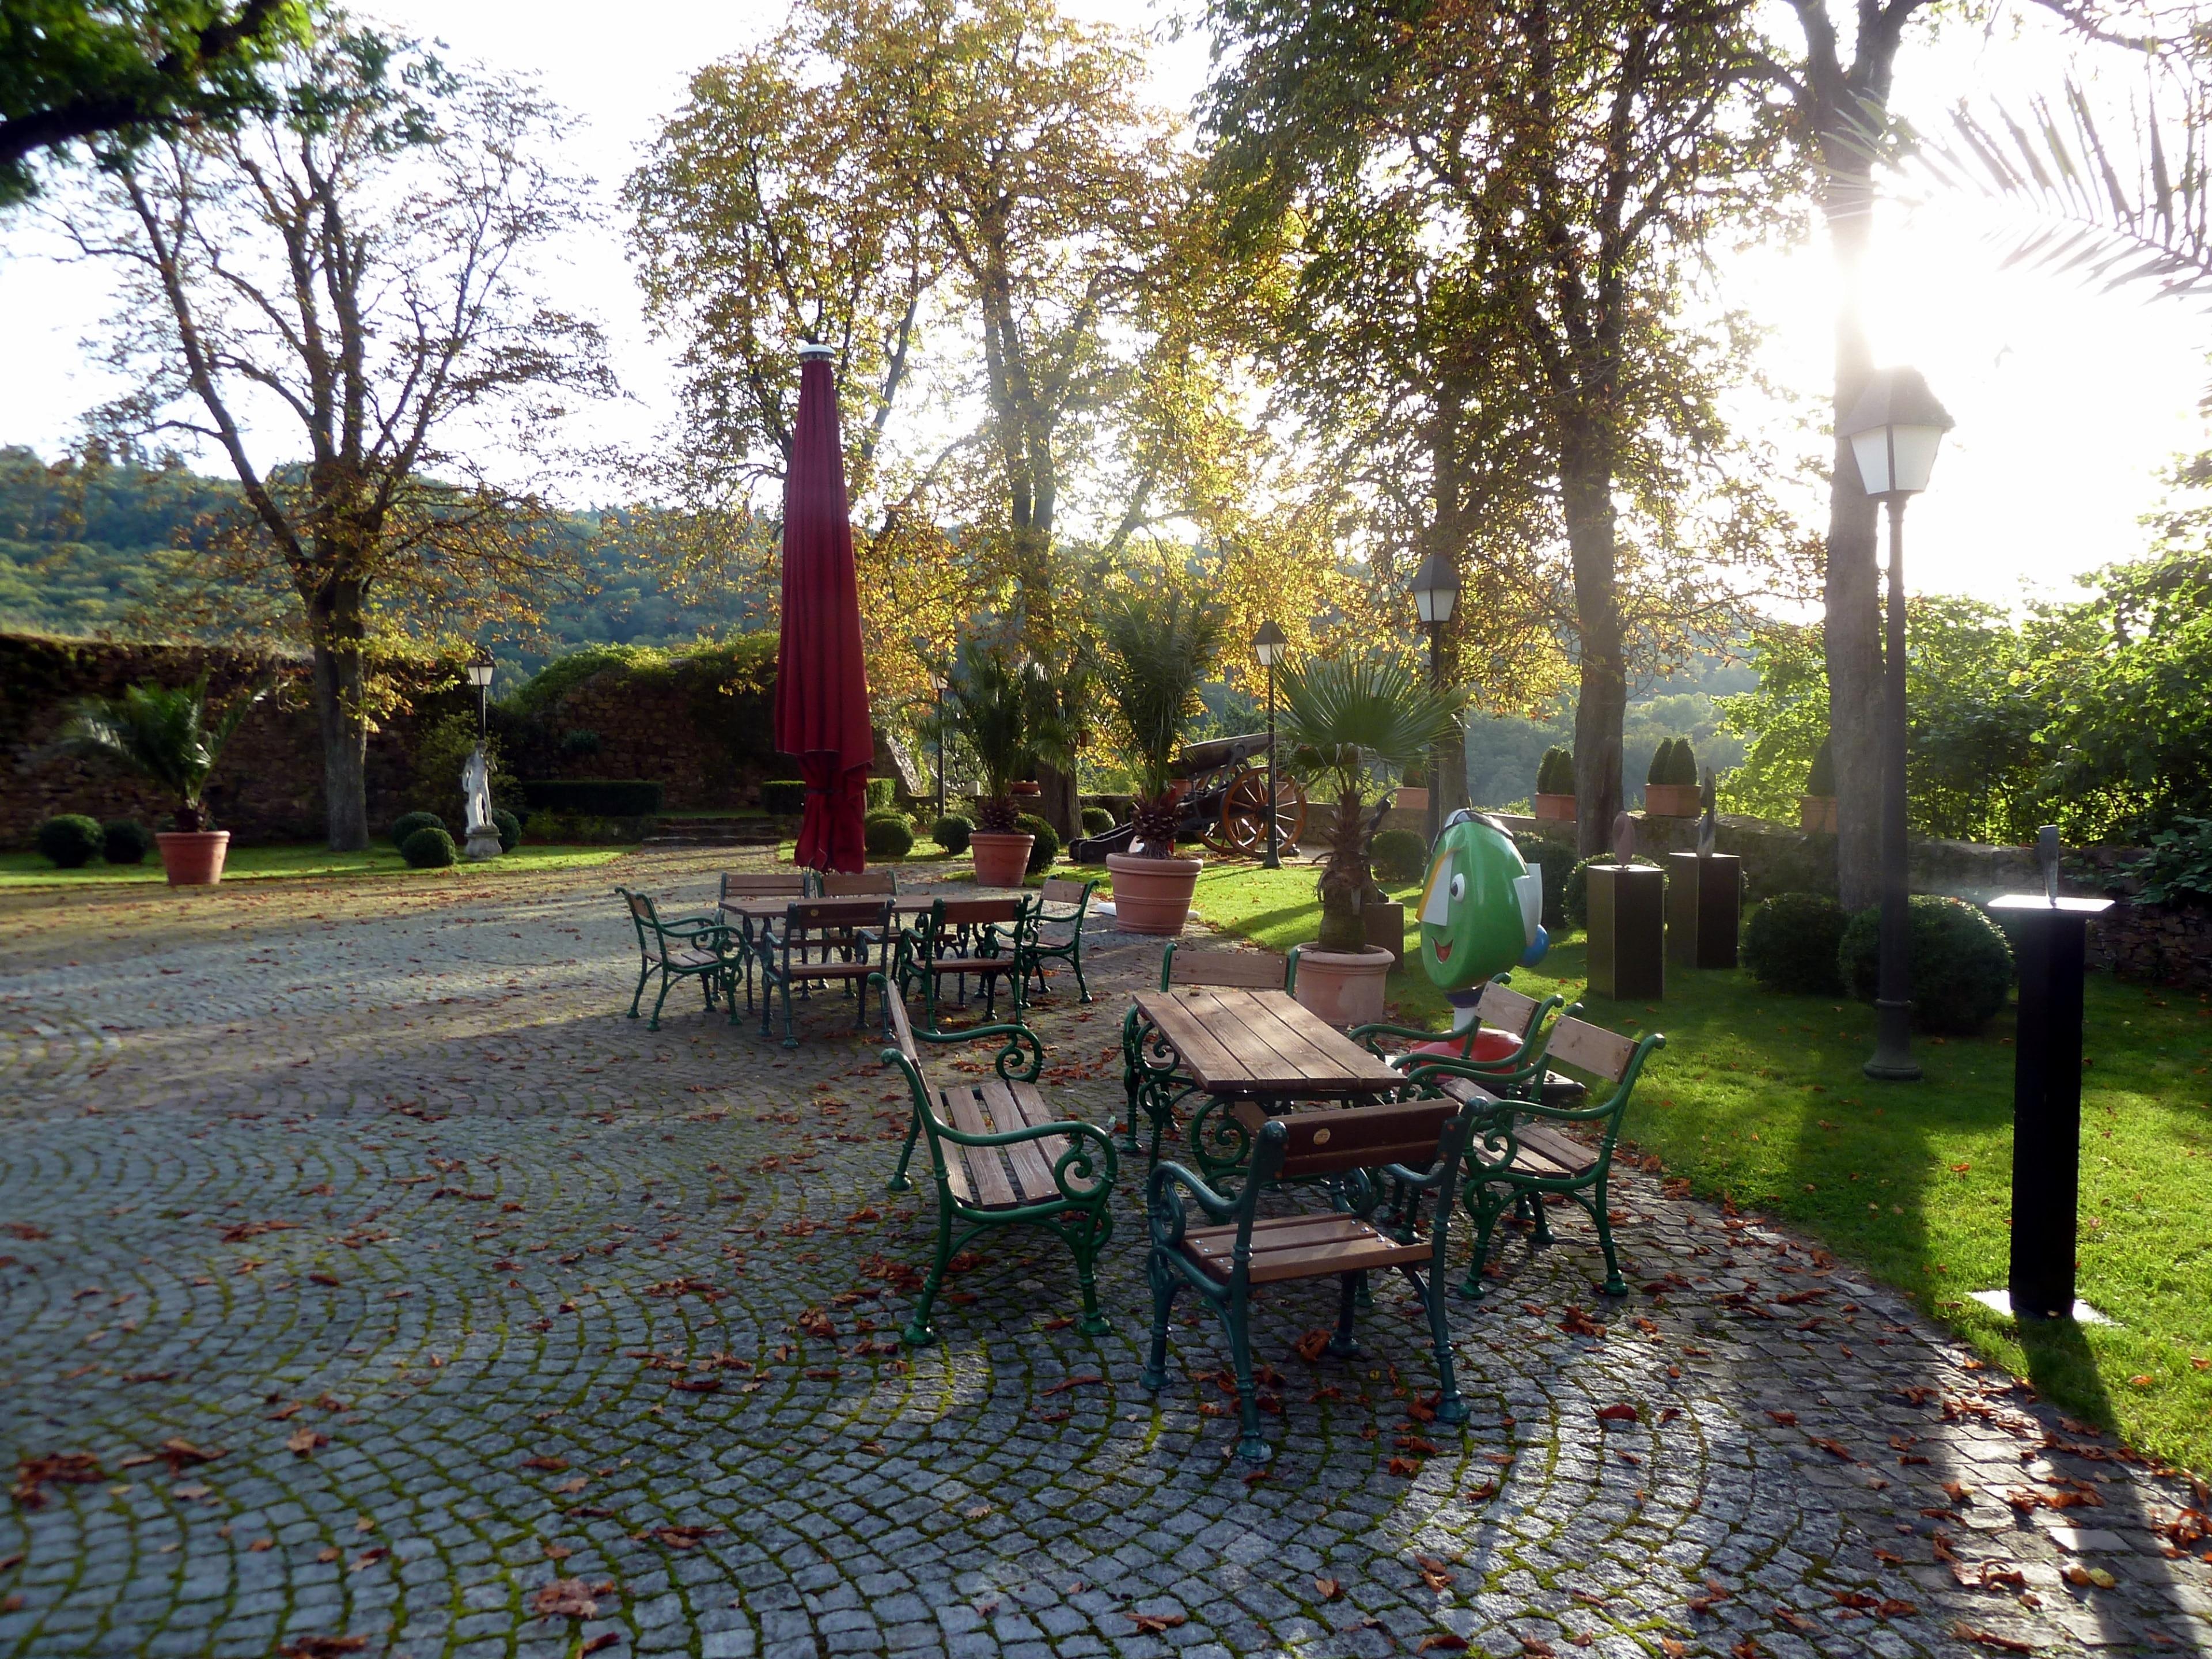 Stromberg, Rhineland-Palatinate, Germany